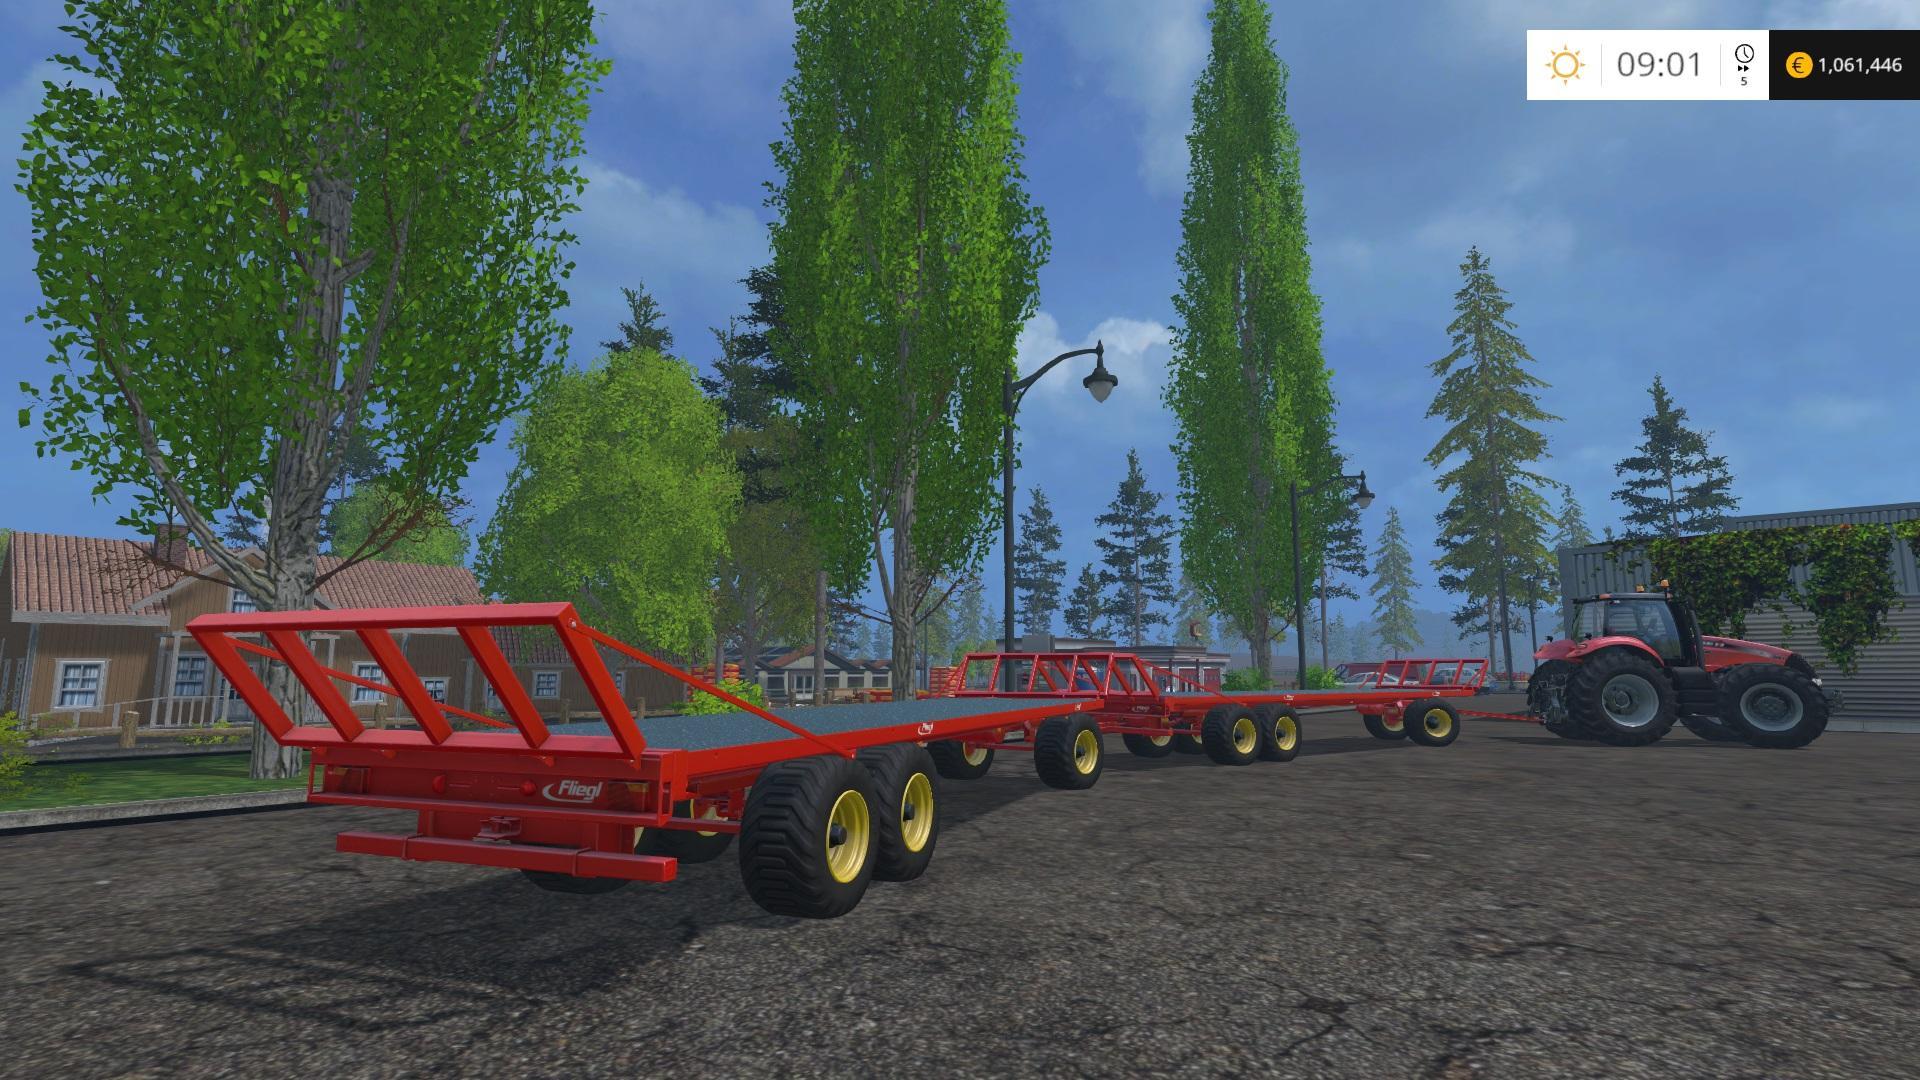 FLIEGL DPW180 BALE TRAILER V1 0 • Farming simulator 19, 17, 15 mods